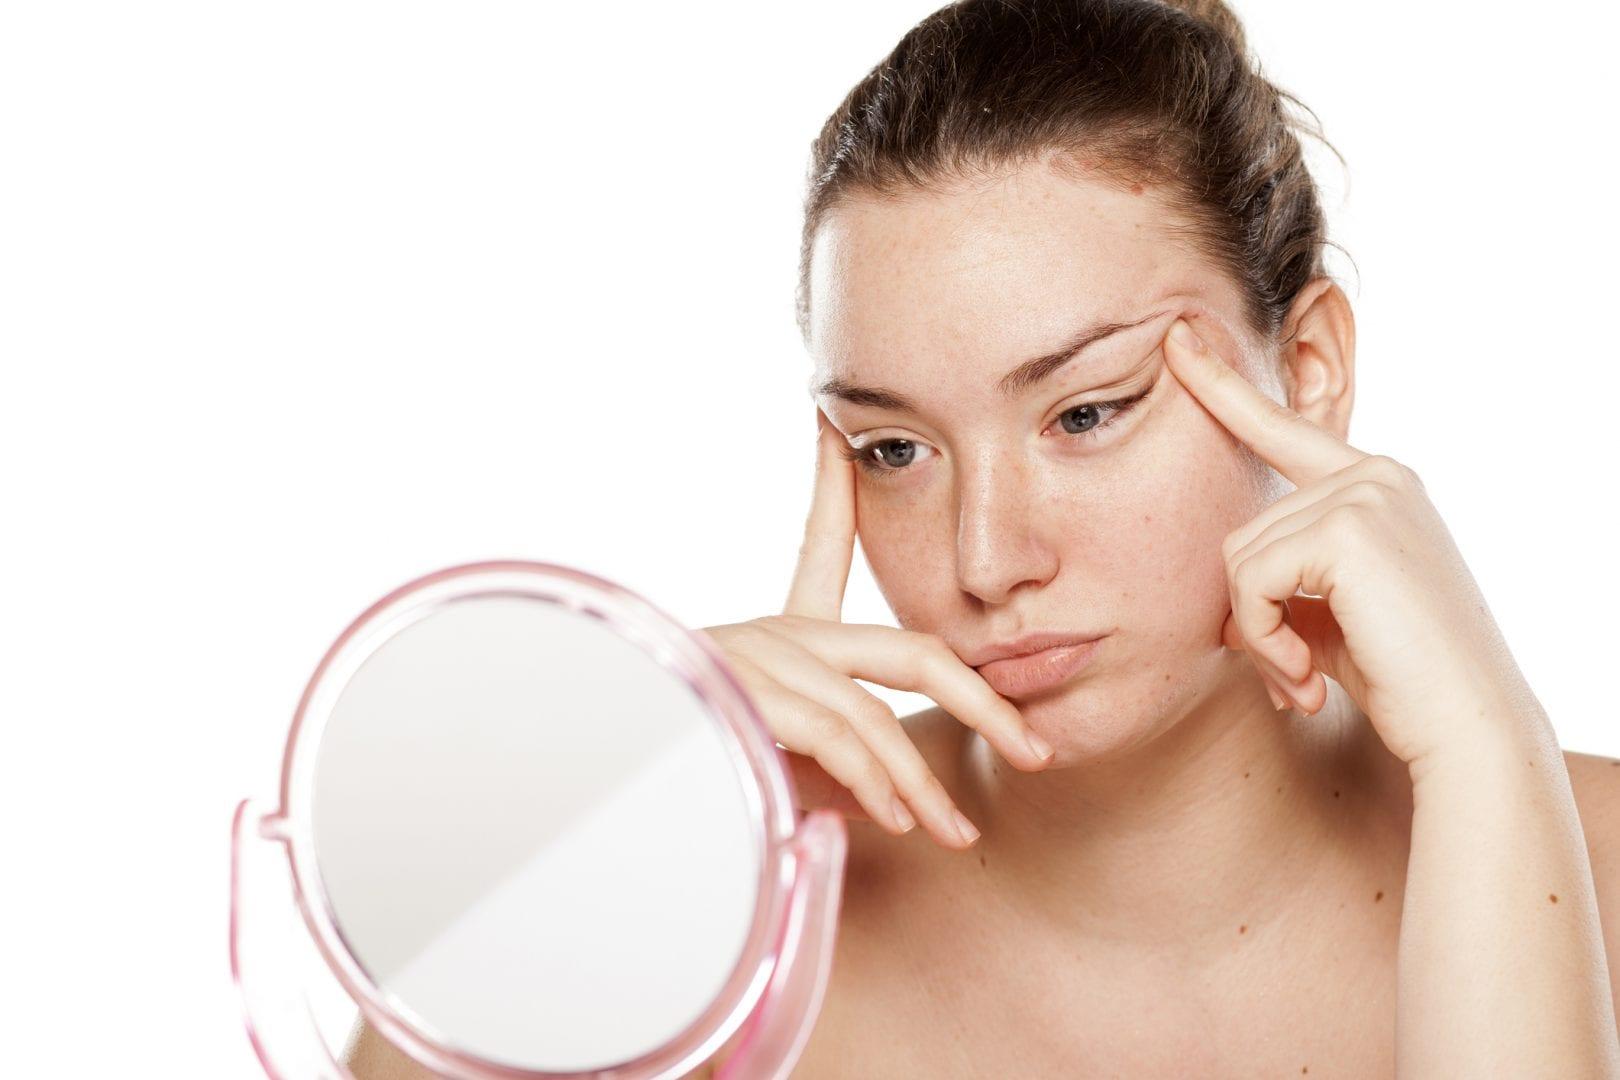 Alergias na pele - o que é, o que causa e como tratar